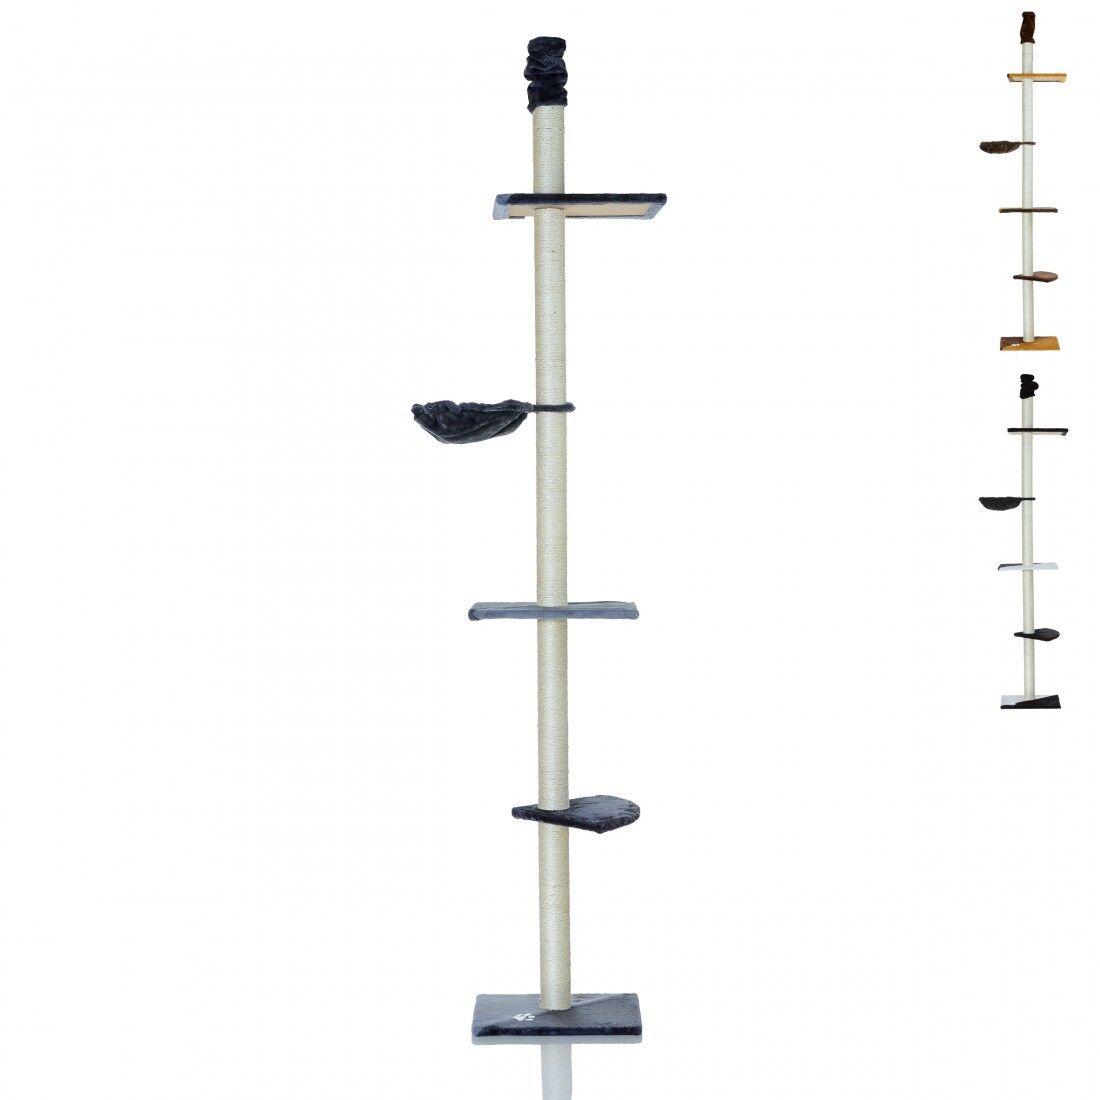 Katzenkratzbaum Katzenbaum Deckenhoch Stabil Kletterbaum Spielturm 240-270 cm✔ 8,5 cm Dicke Säulen ✔ Robust & Stabil ✔ Platzsparend